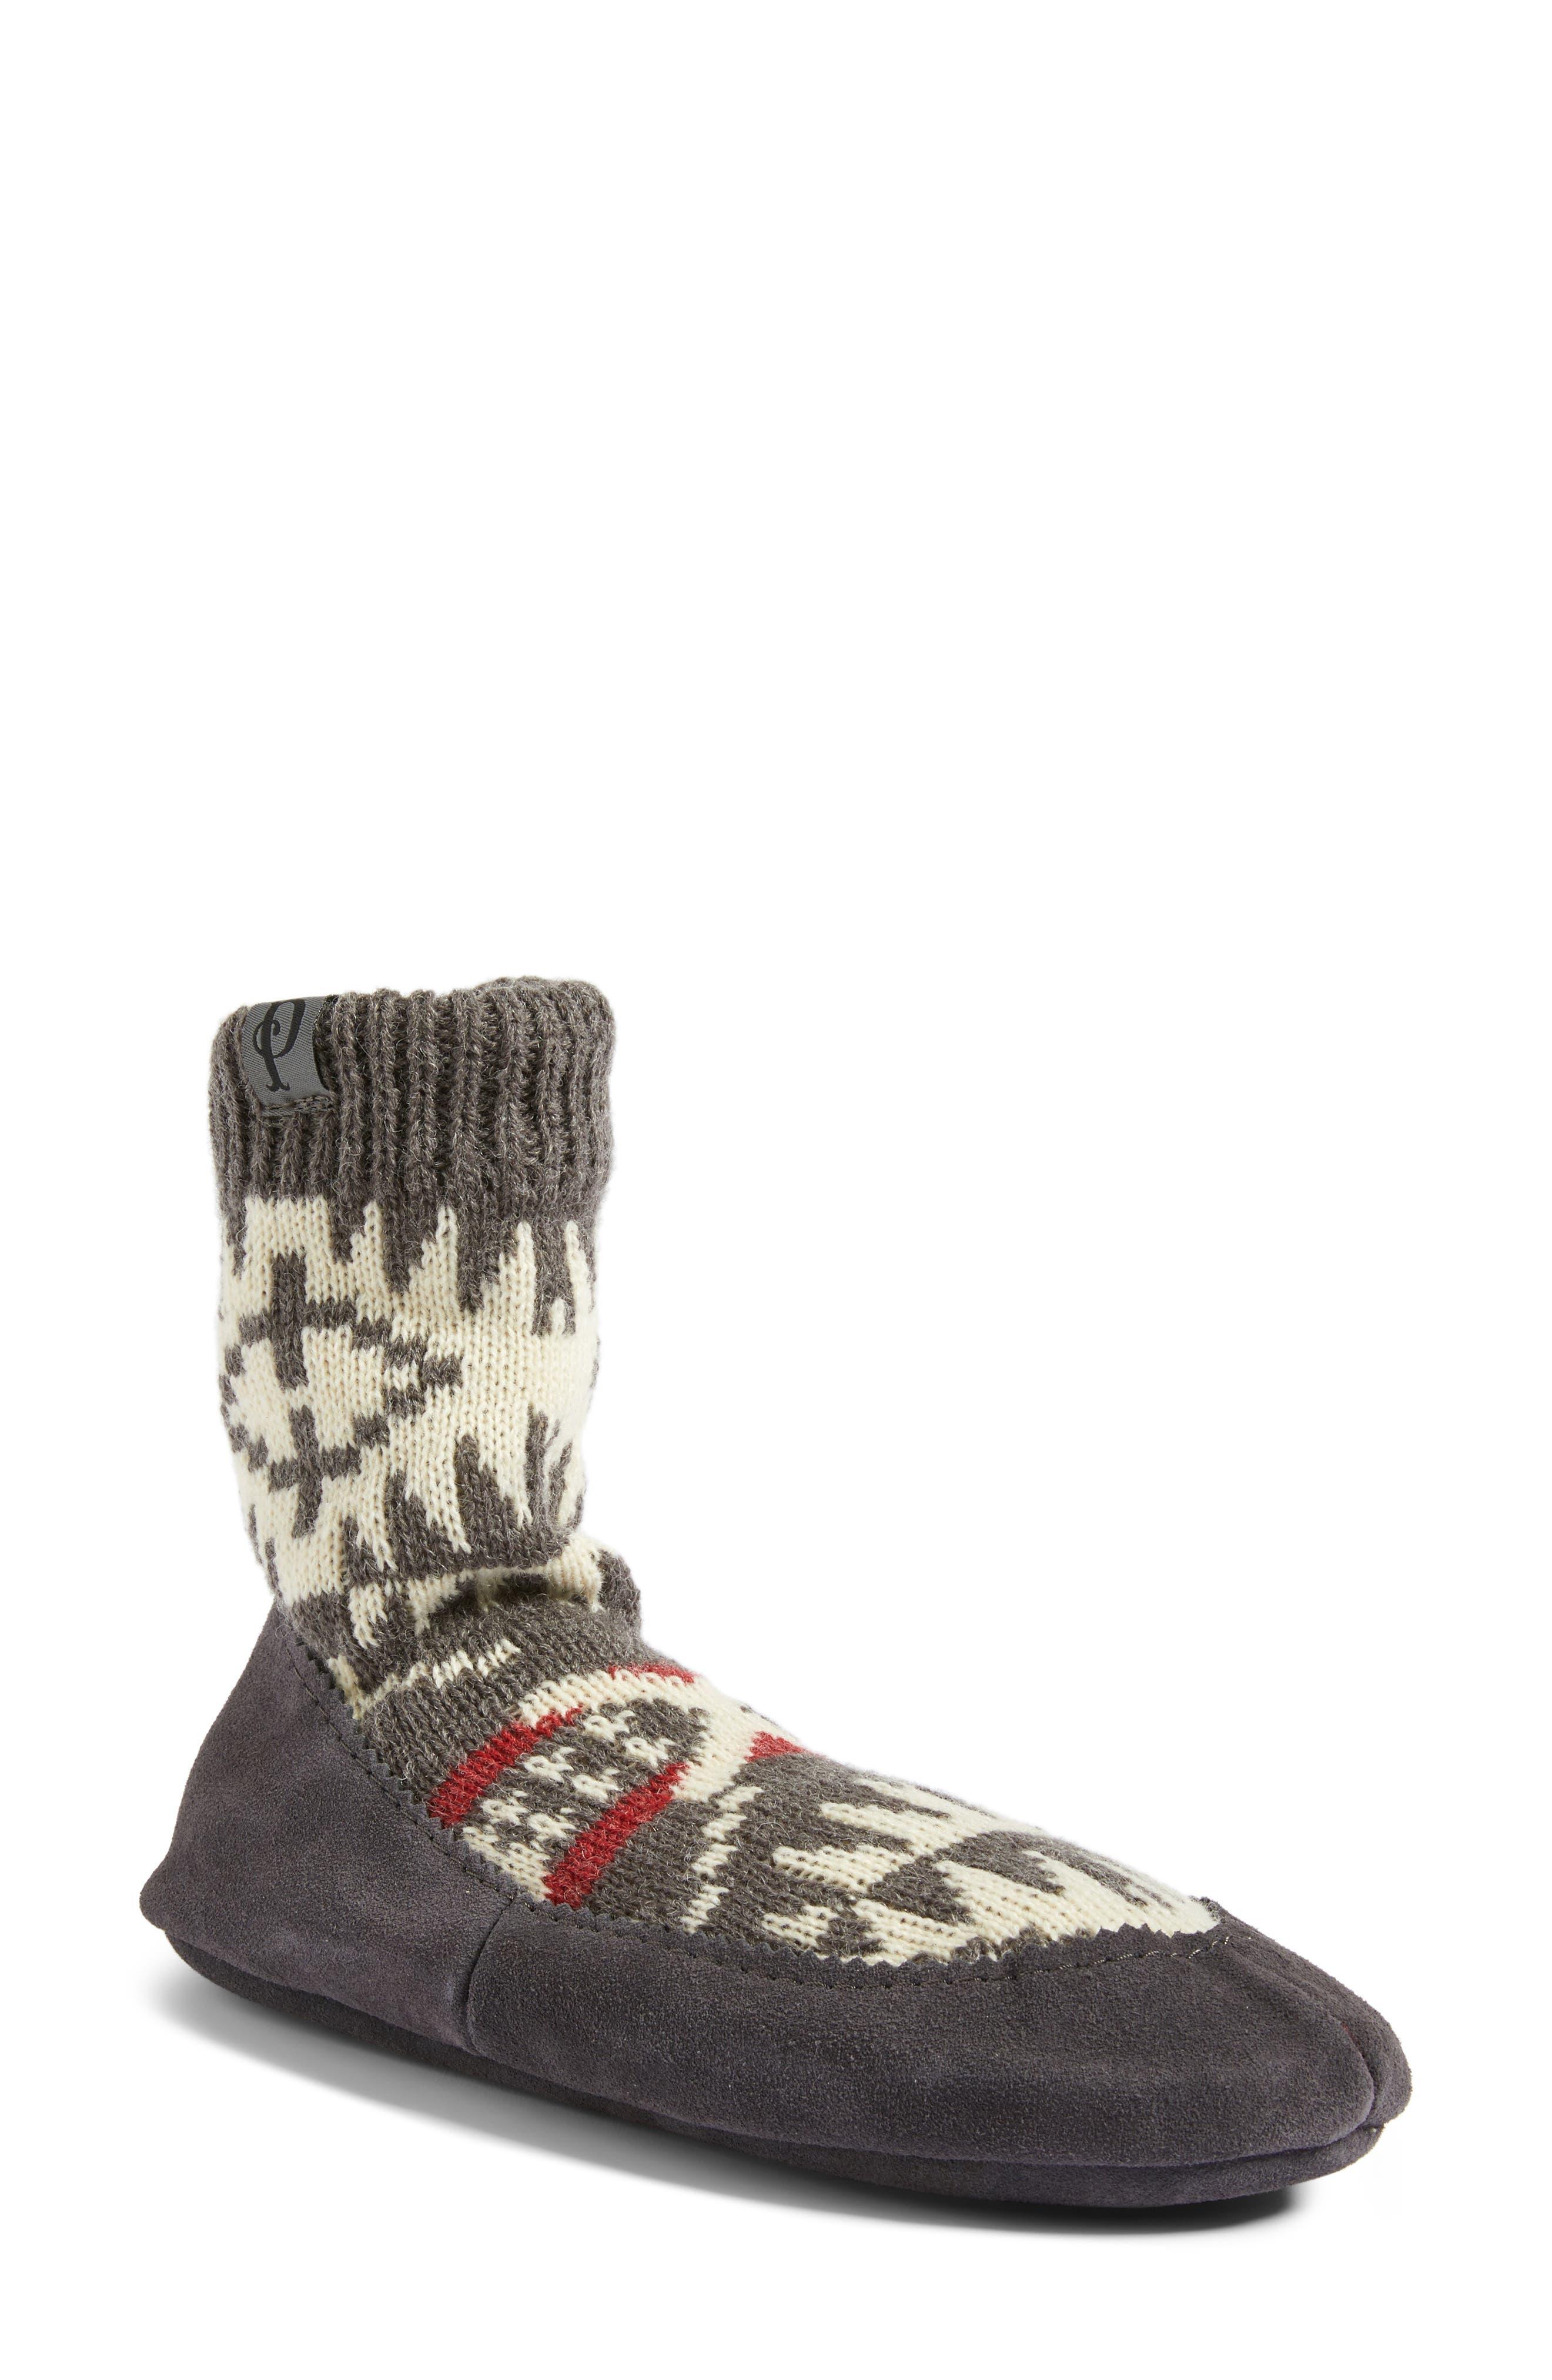 Alternate Image 1 Selected - Pendleton Spider Rock Homestead Slipper Socks